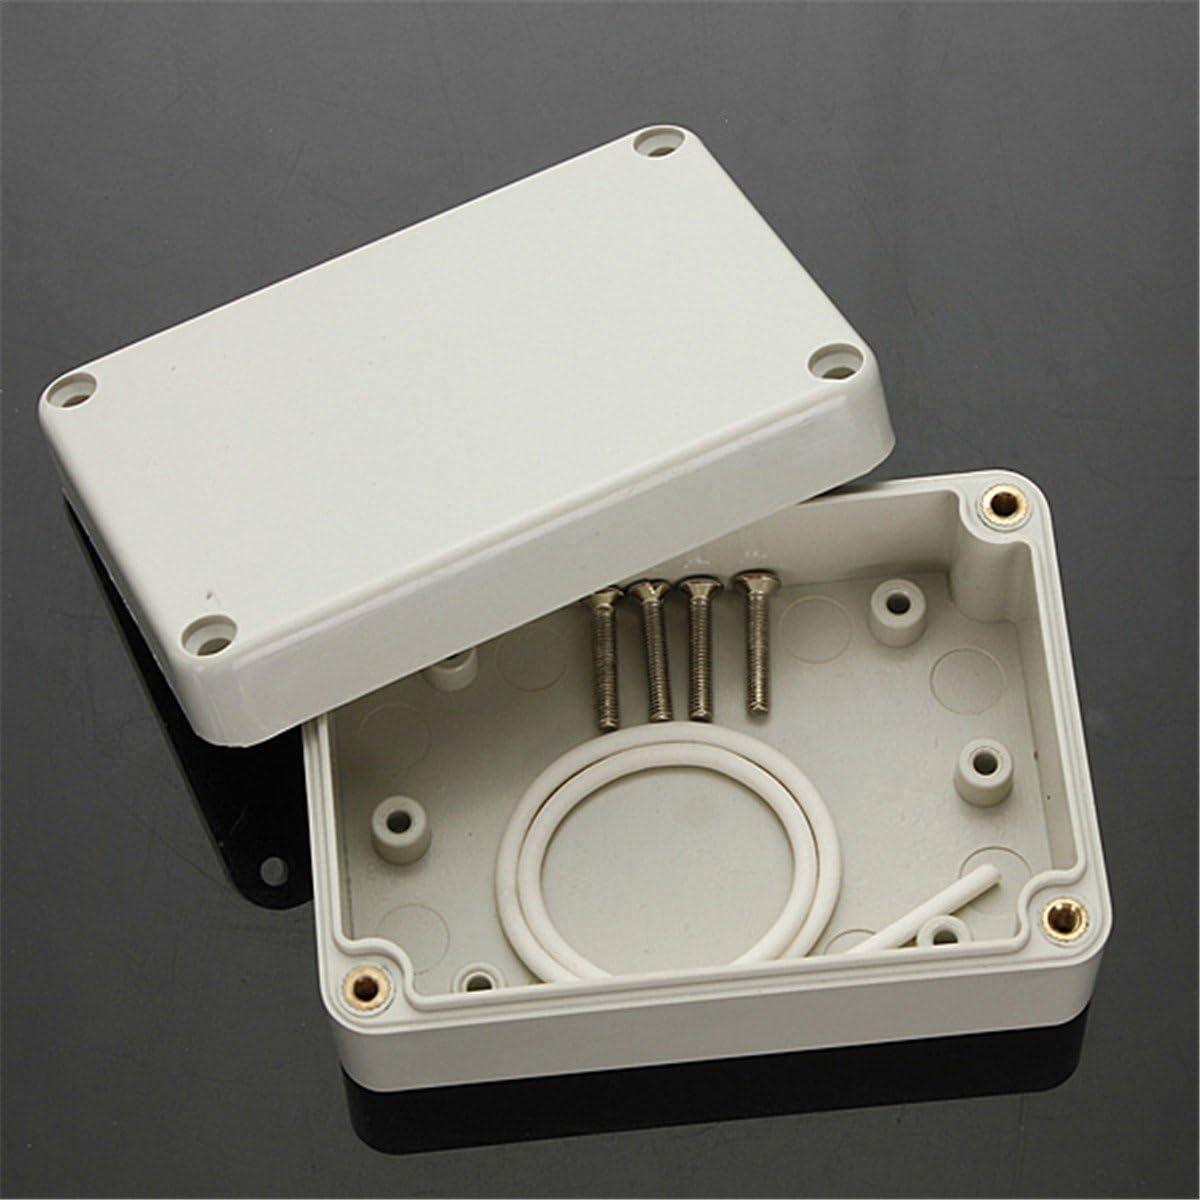 Caja de conexión impermeable IP65, carcasa de plástico, conexión DIY, casquillo, caja de derivación, Gris